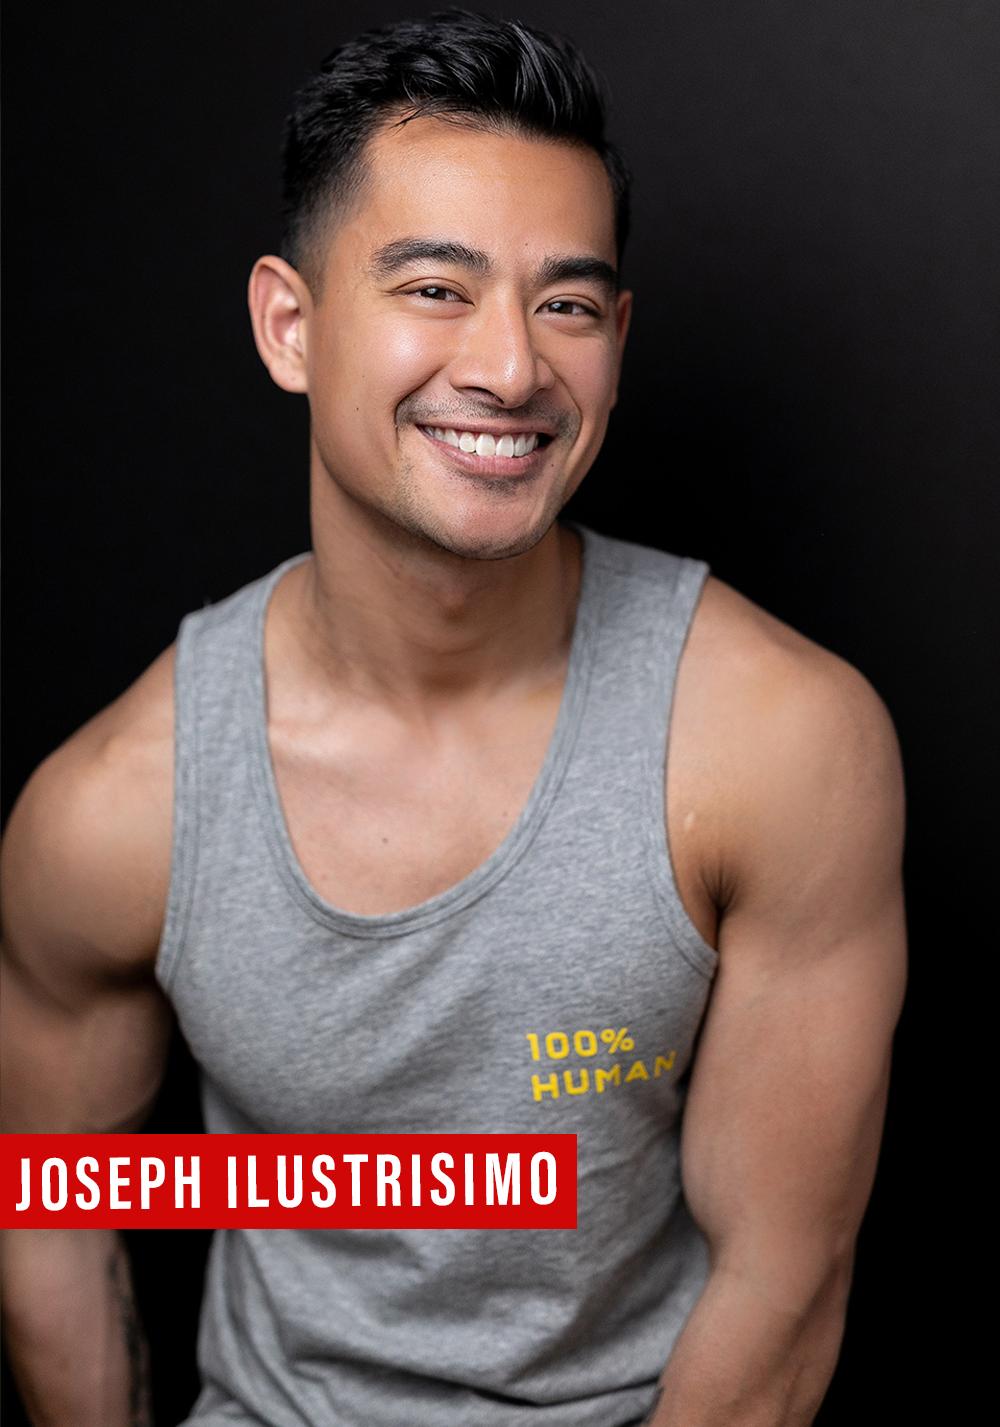 joseph-ilustrisimo-personal-trainer.jpg